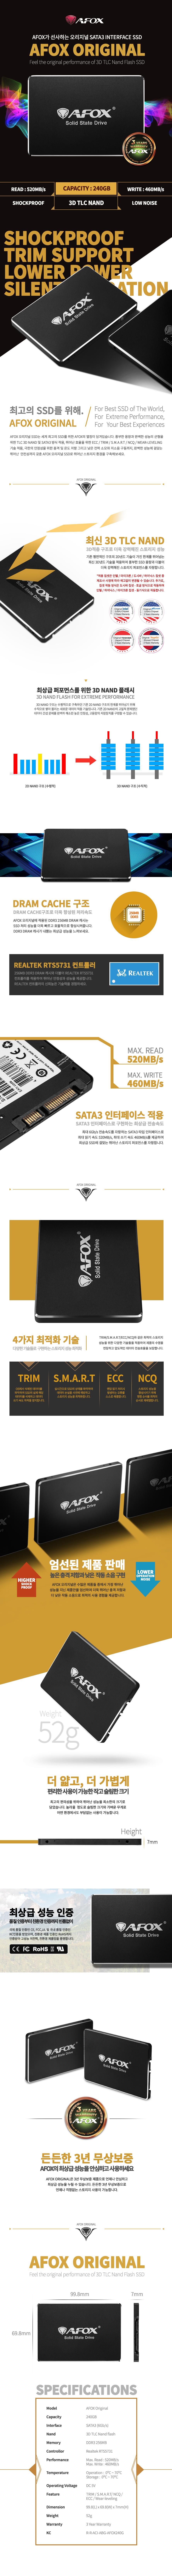 AFOX Original SSD (240GB) 엑슬비전 db.jpg